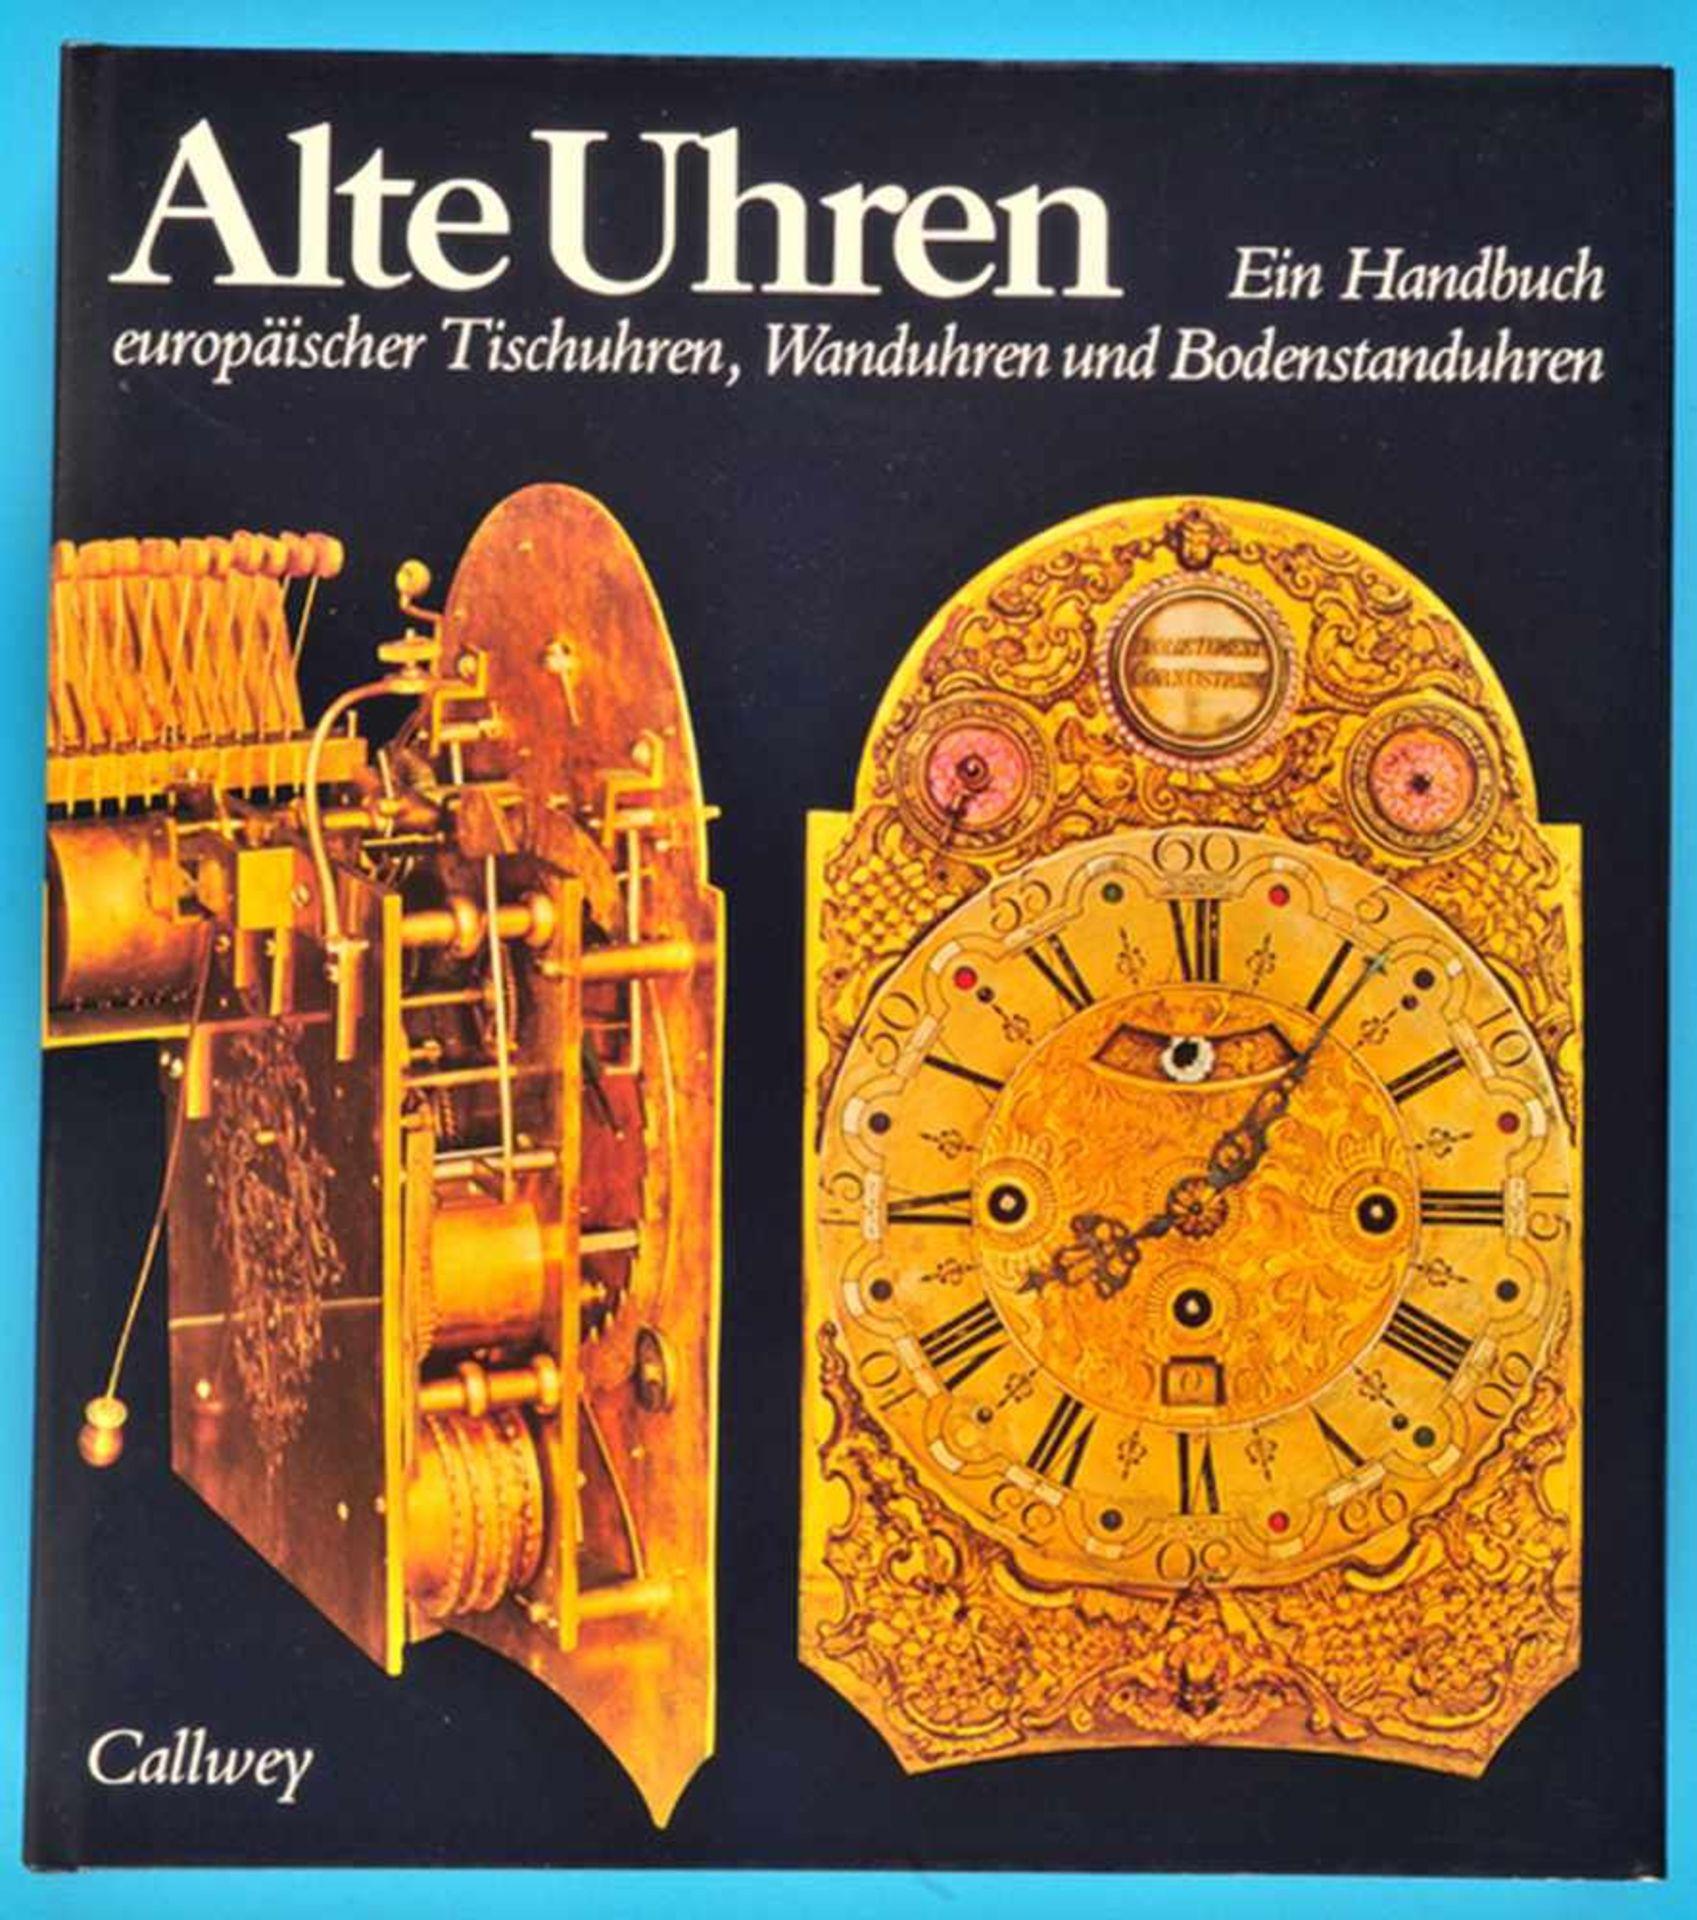 Los 17 - Mühe/Vogel, Alte Uhren - Ein Handbuch europäischer Tischuhren, Wanduhren und BodenstanduhrenMühe/